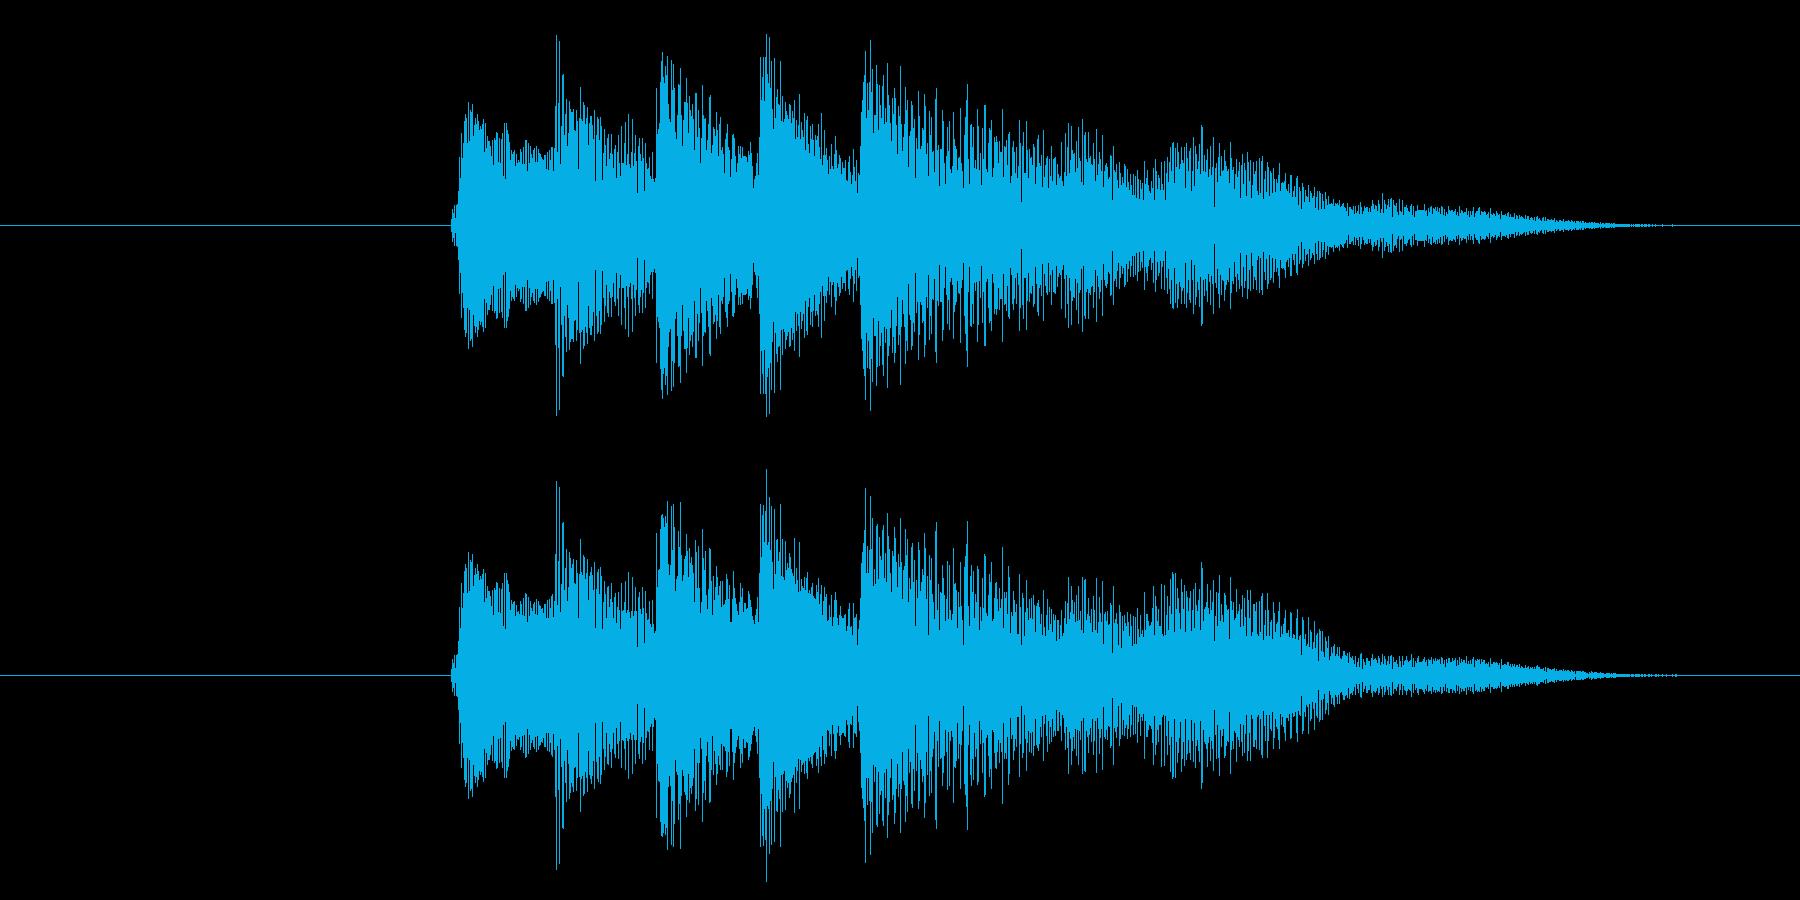 クレジット音、スタート音の再生済みの波形